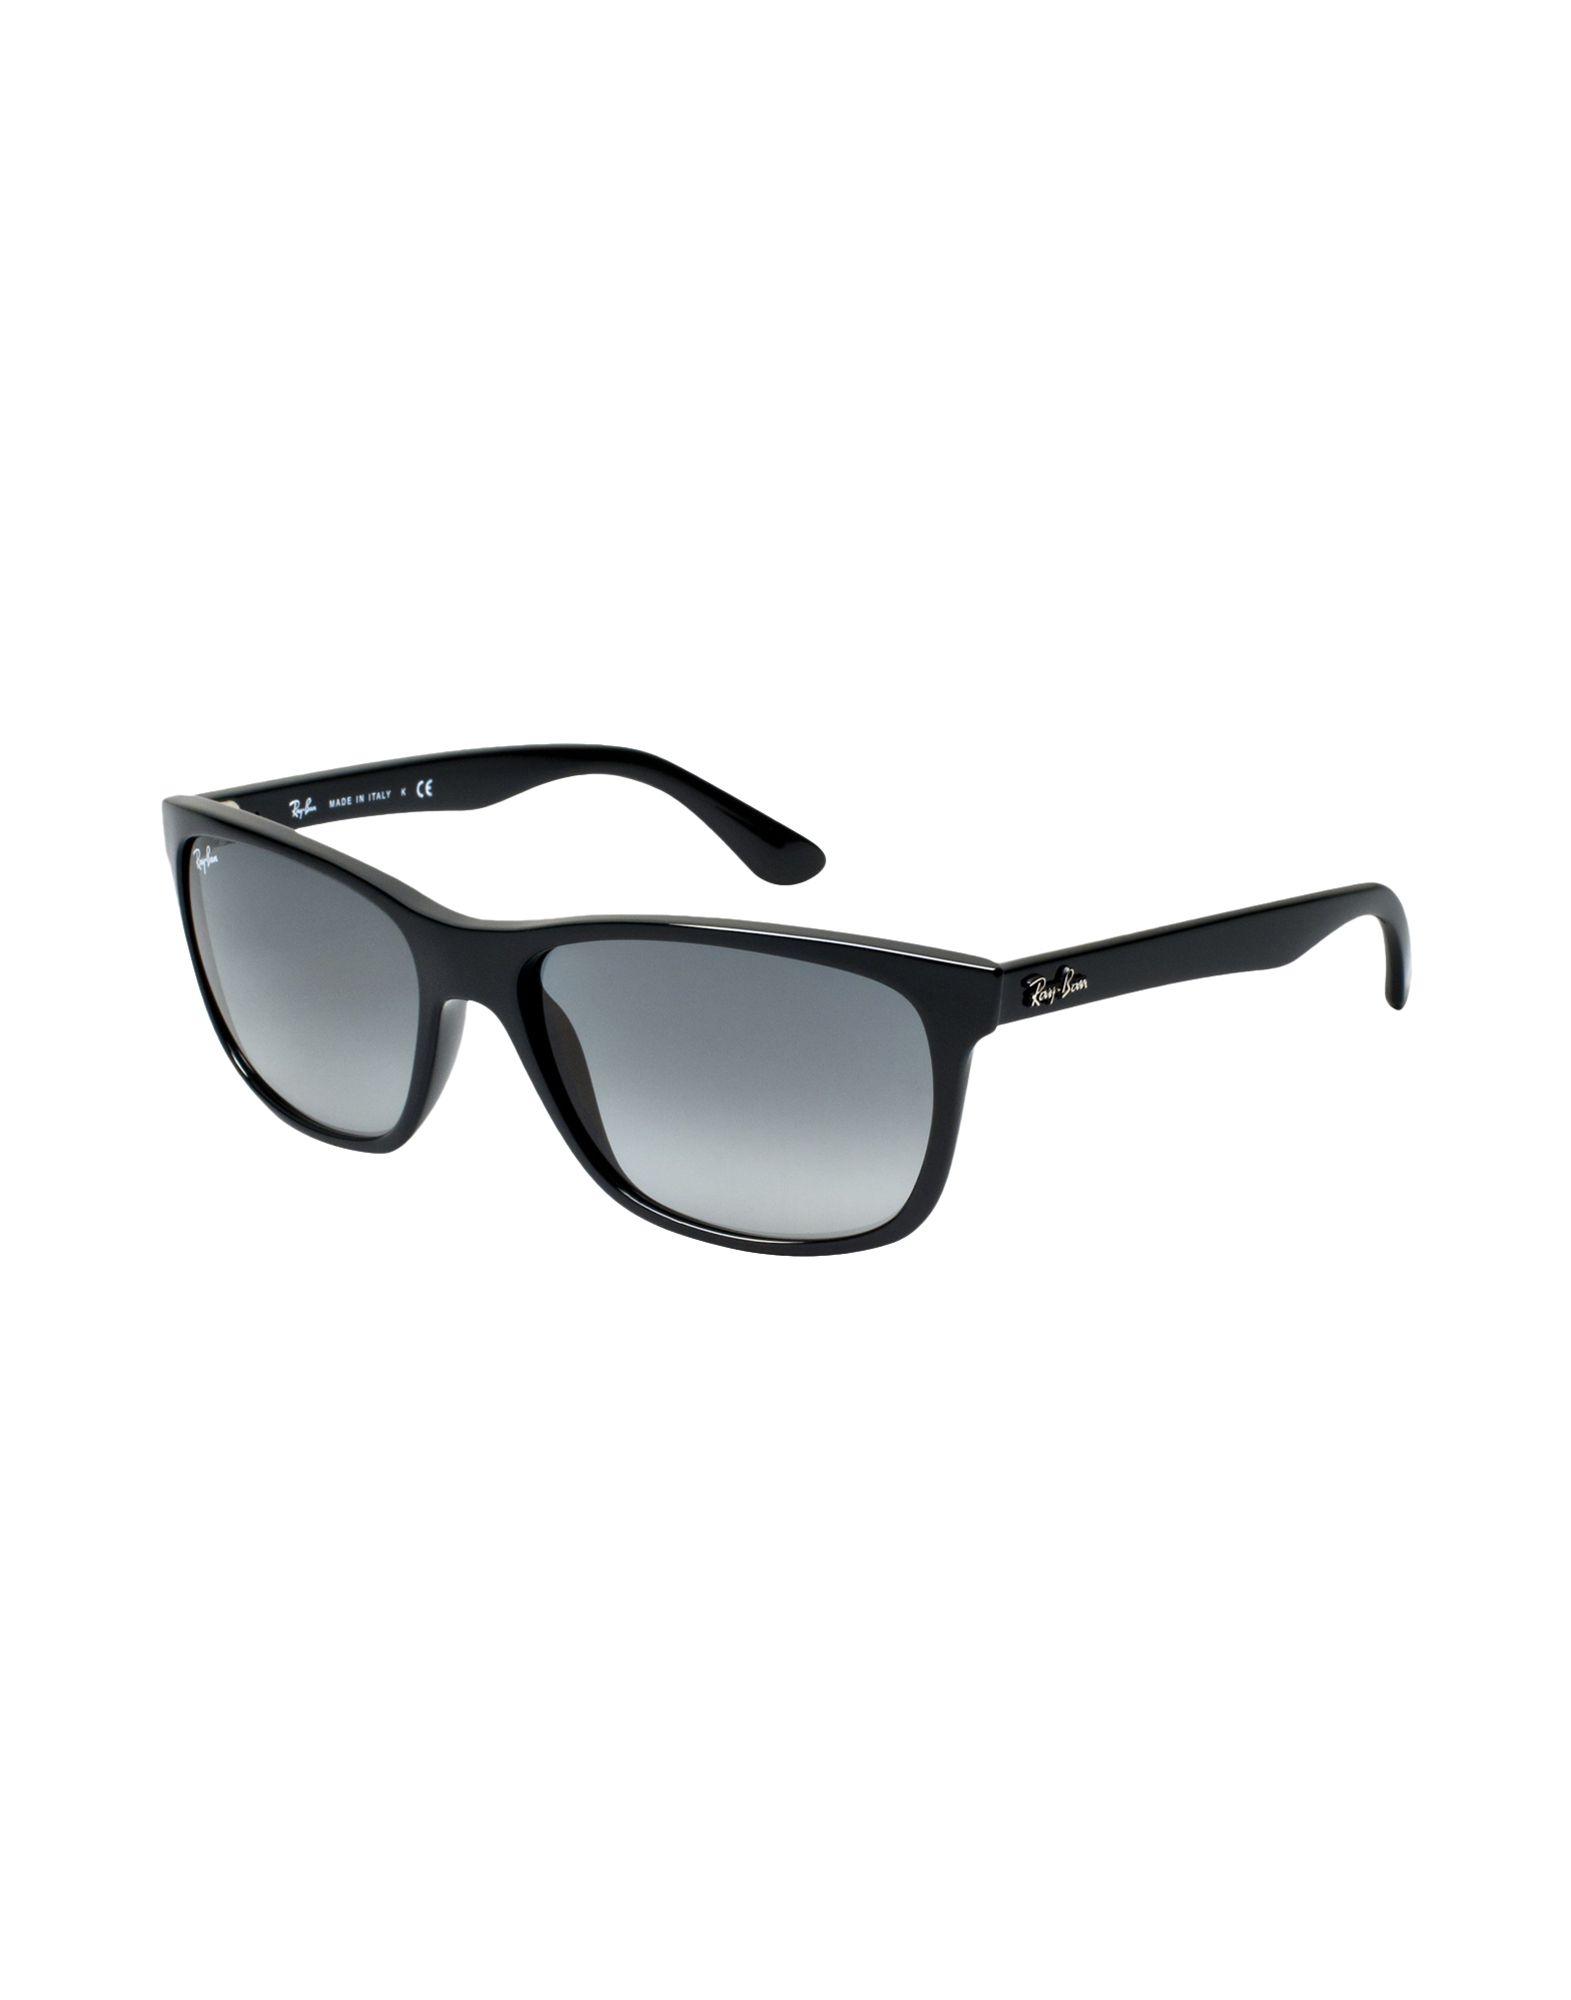 RAY-BAN Unisex Sonnenbrille Farbe Schwarz Größe 3 jetztbilligerkaufen